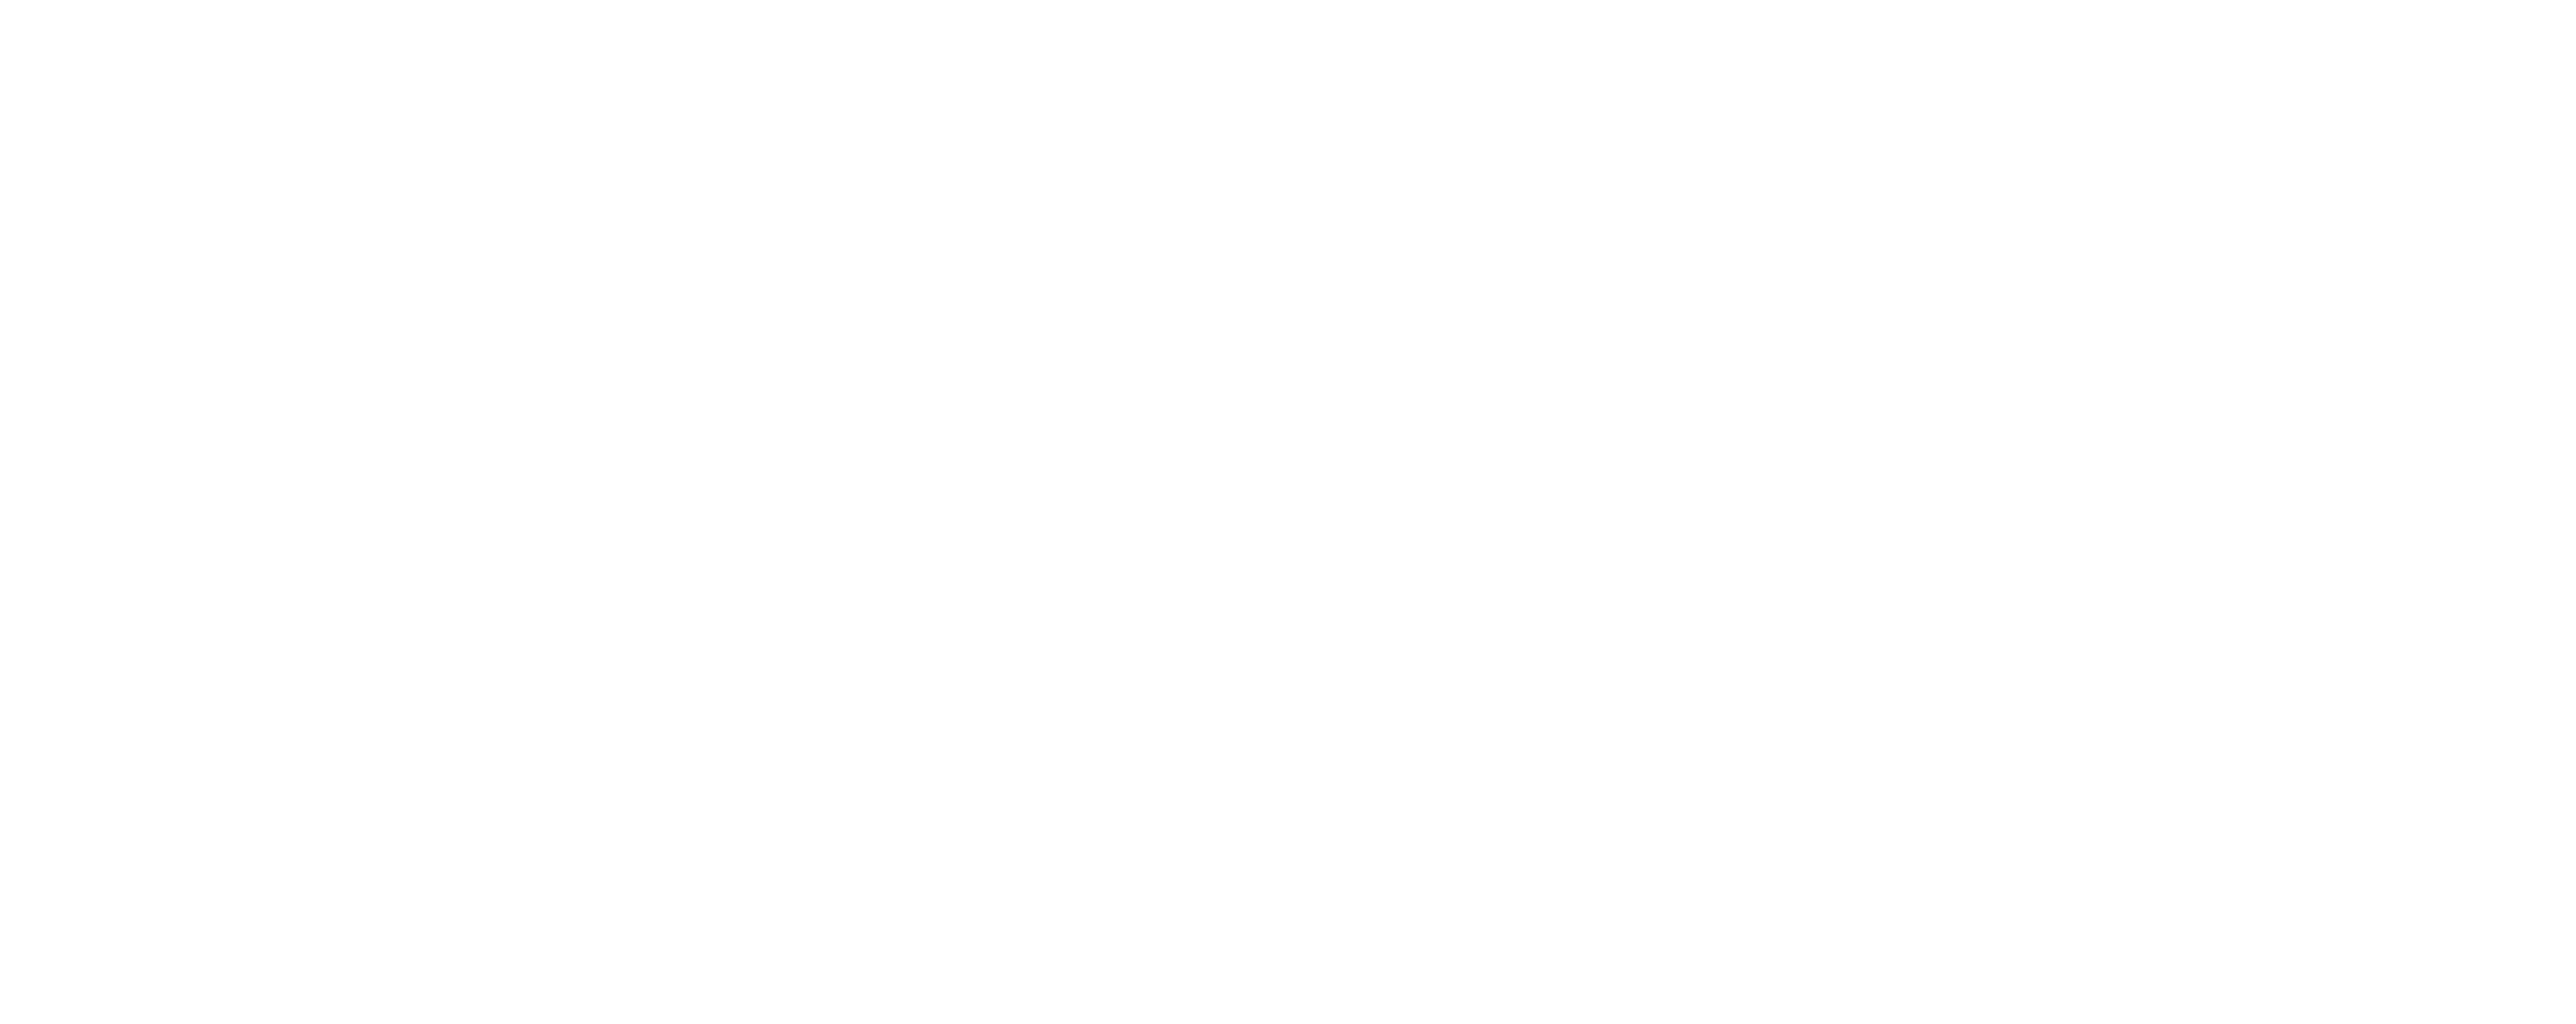 Lace clipart cross. White deco transparent png